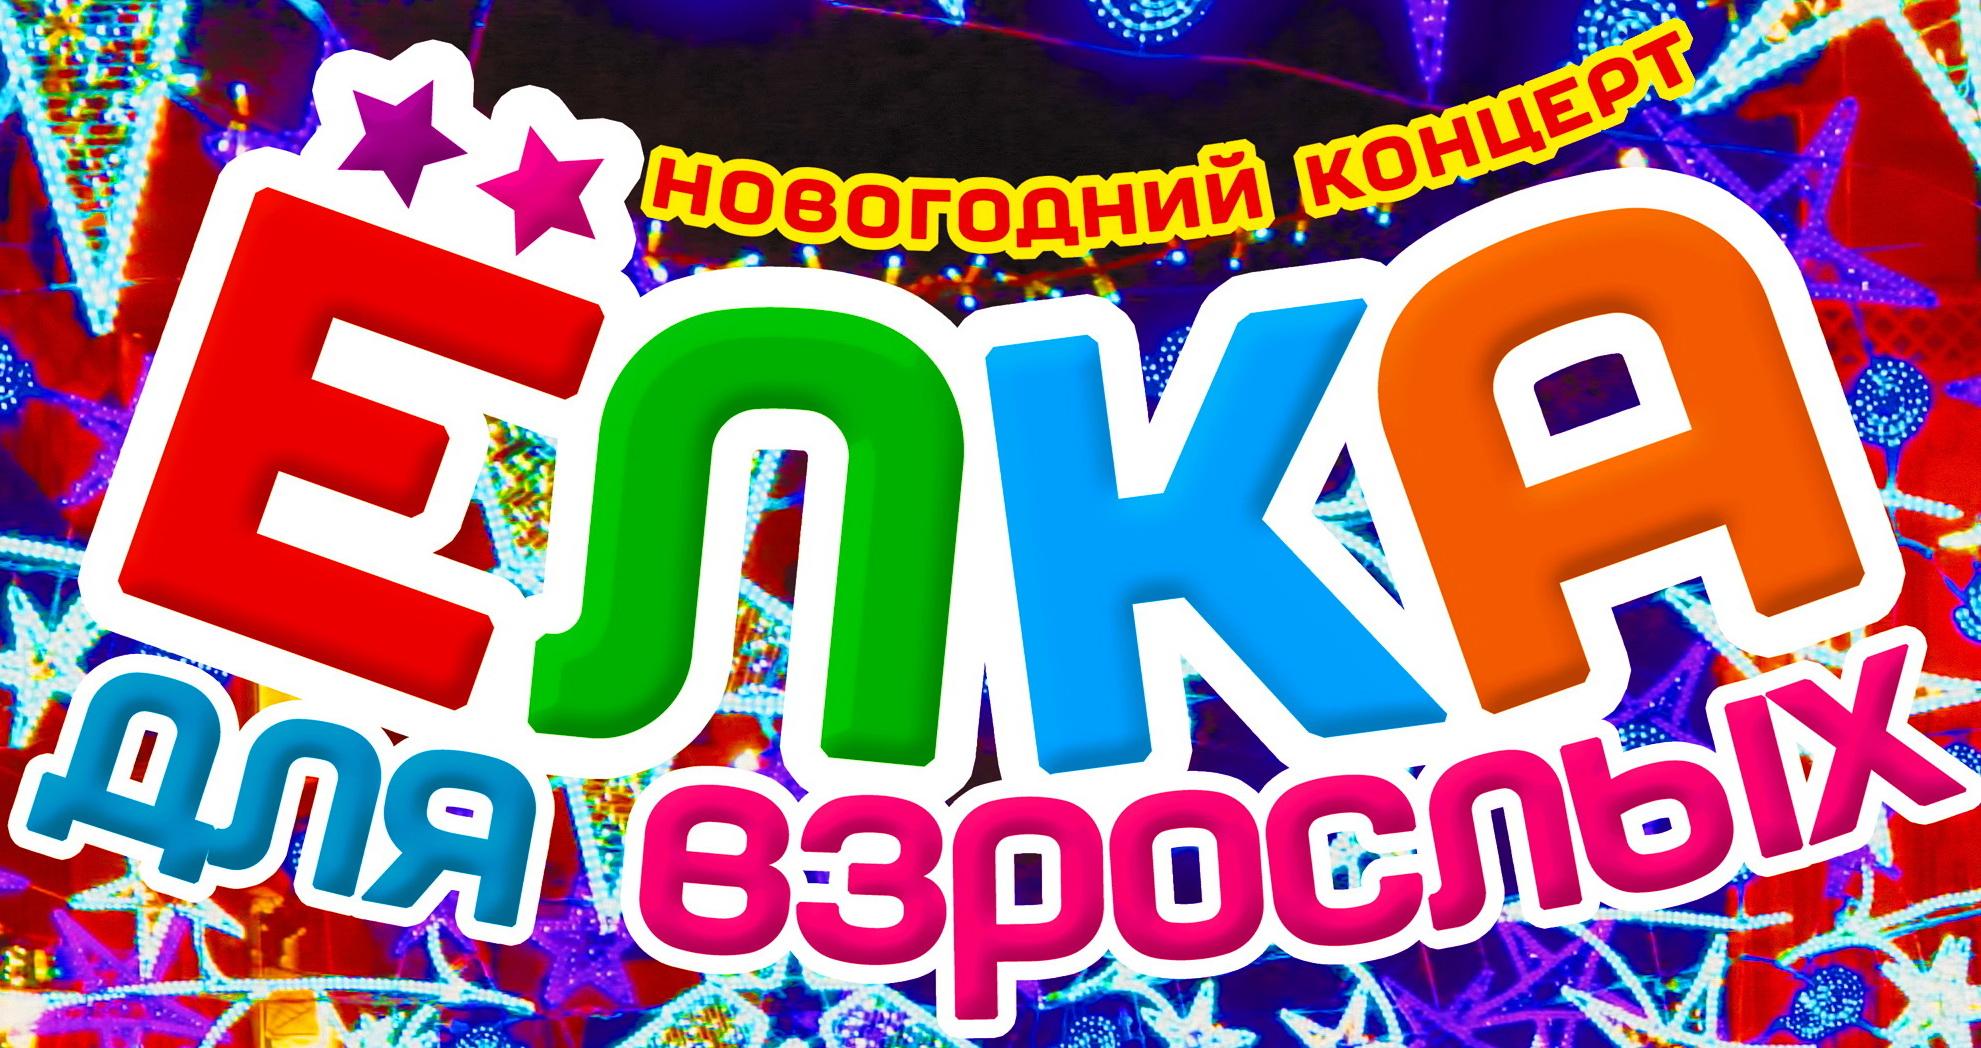 Купить билеты на новогодний концерт Елка для взрослых